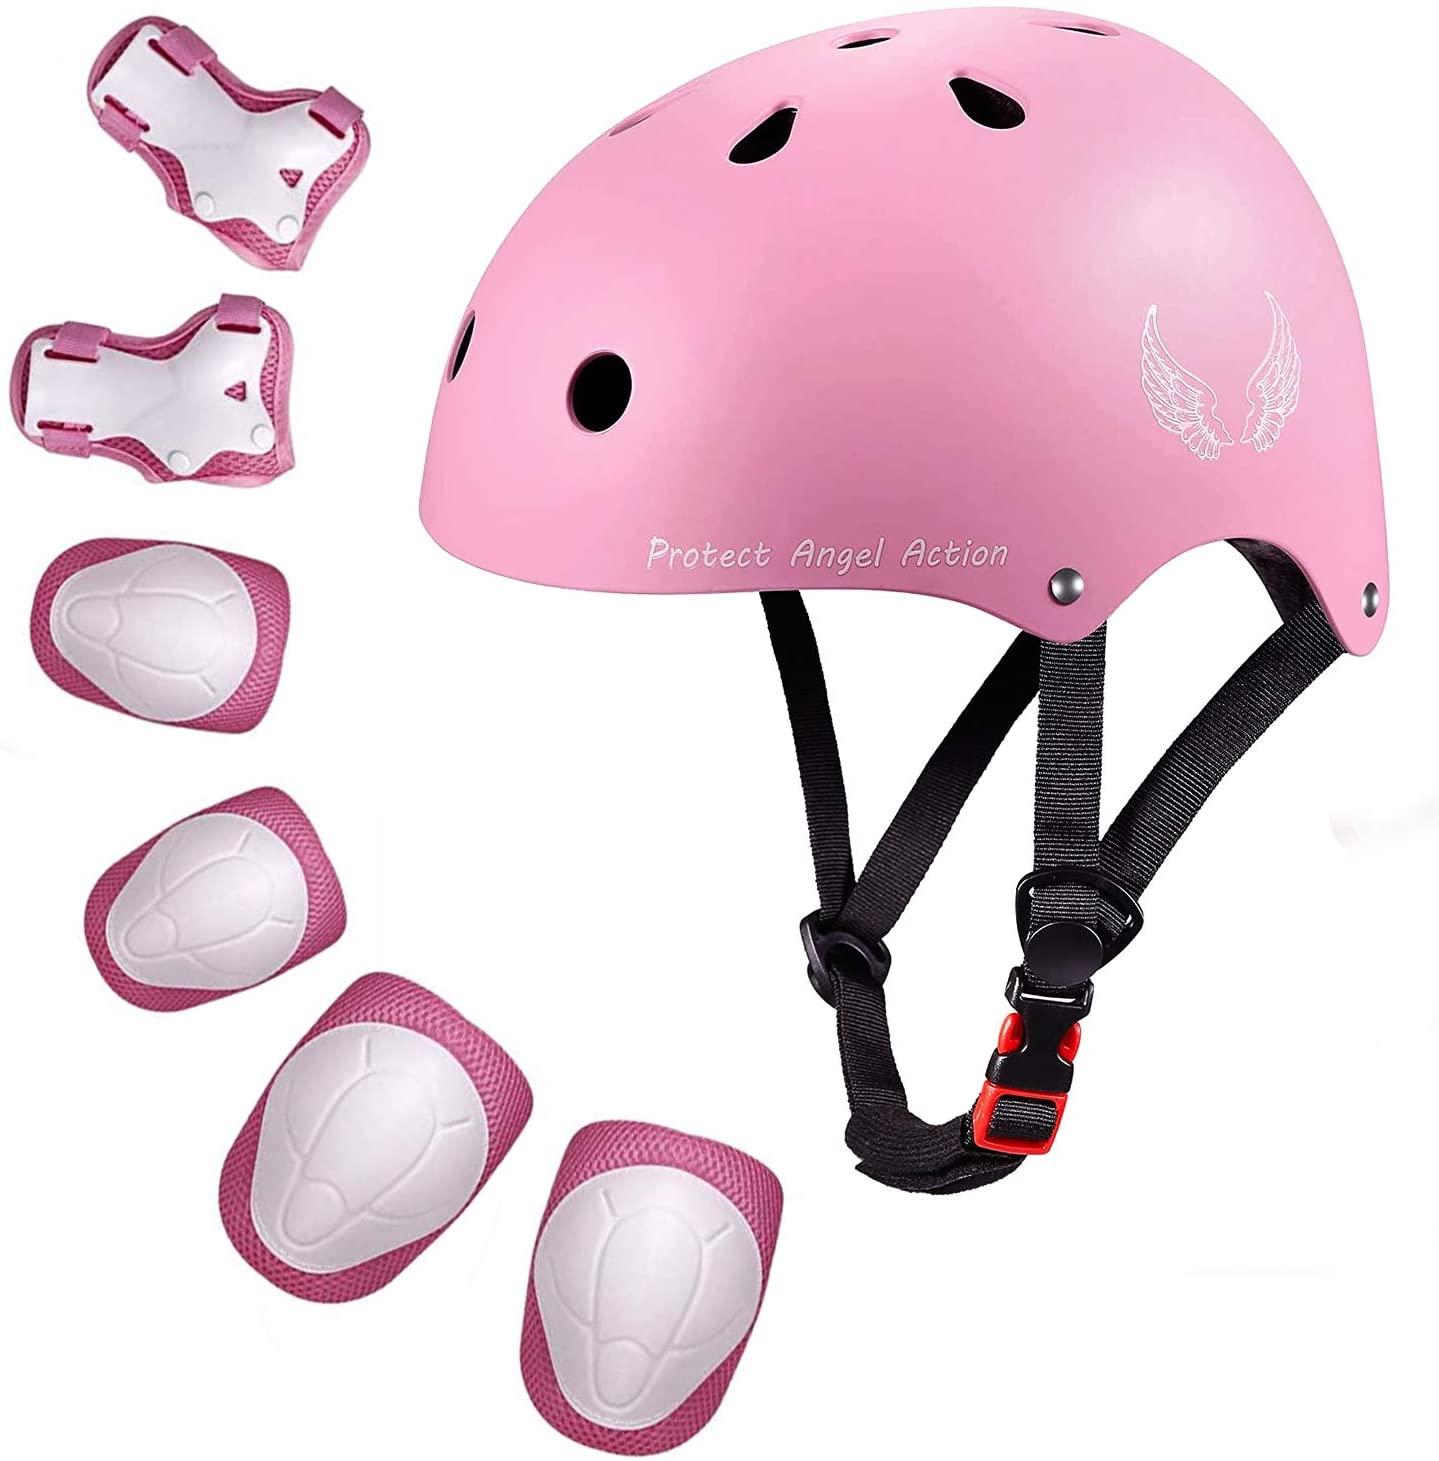 Orieta Kids Bike Helmet Toddler Helmet Adjustable Kids Helmet CPSC Certified Ages 3-10 Years Old Boys Girls Multi-Sport Safety Cycling Skating Scooter Helmet